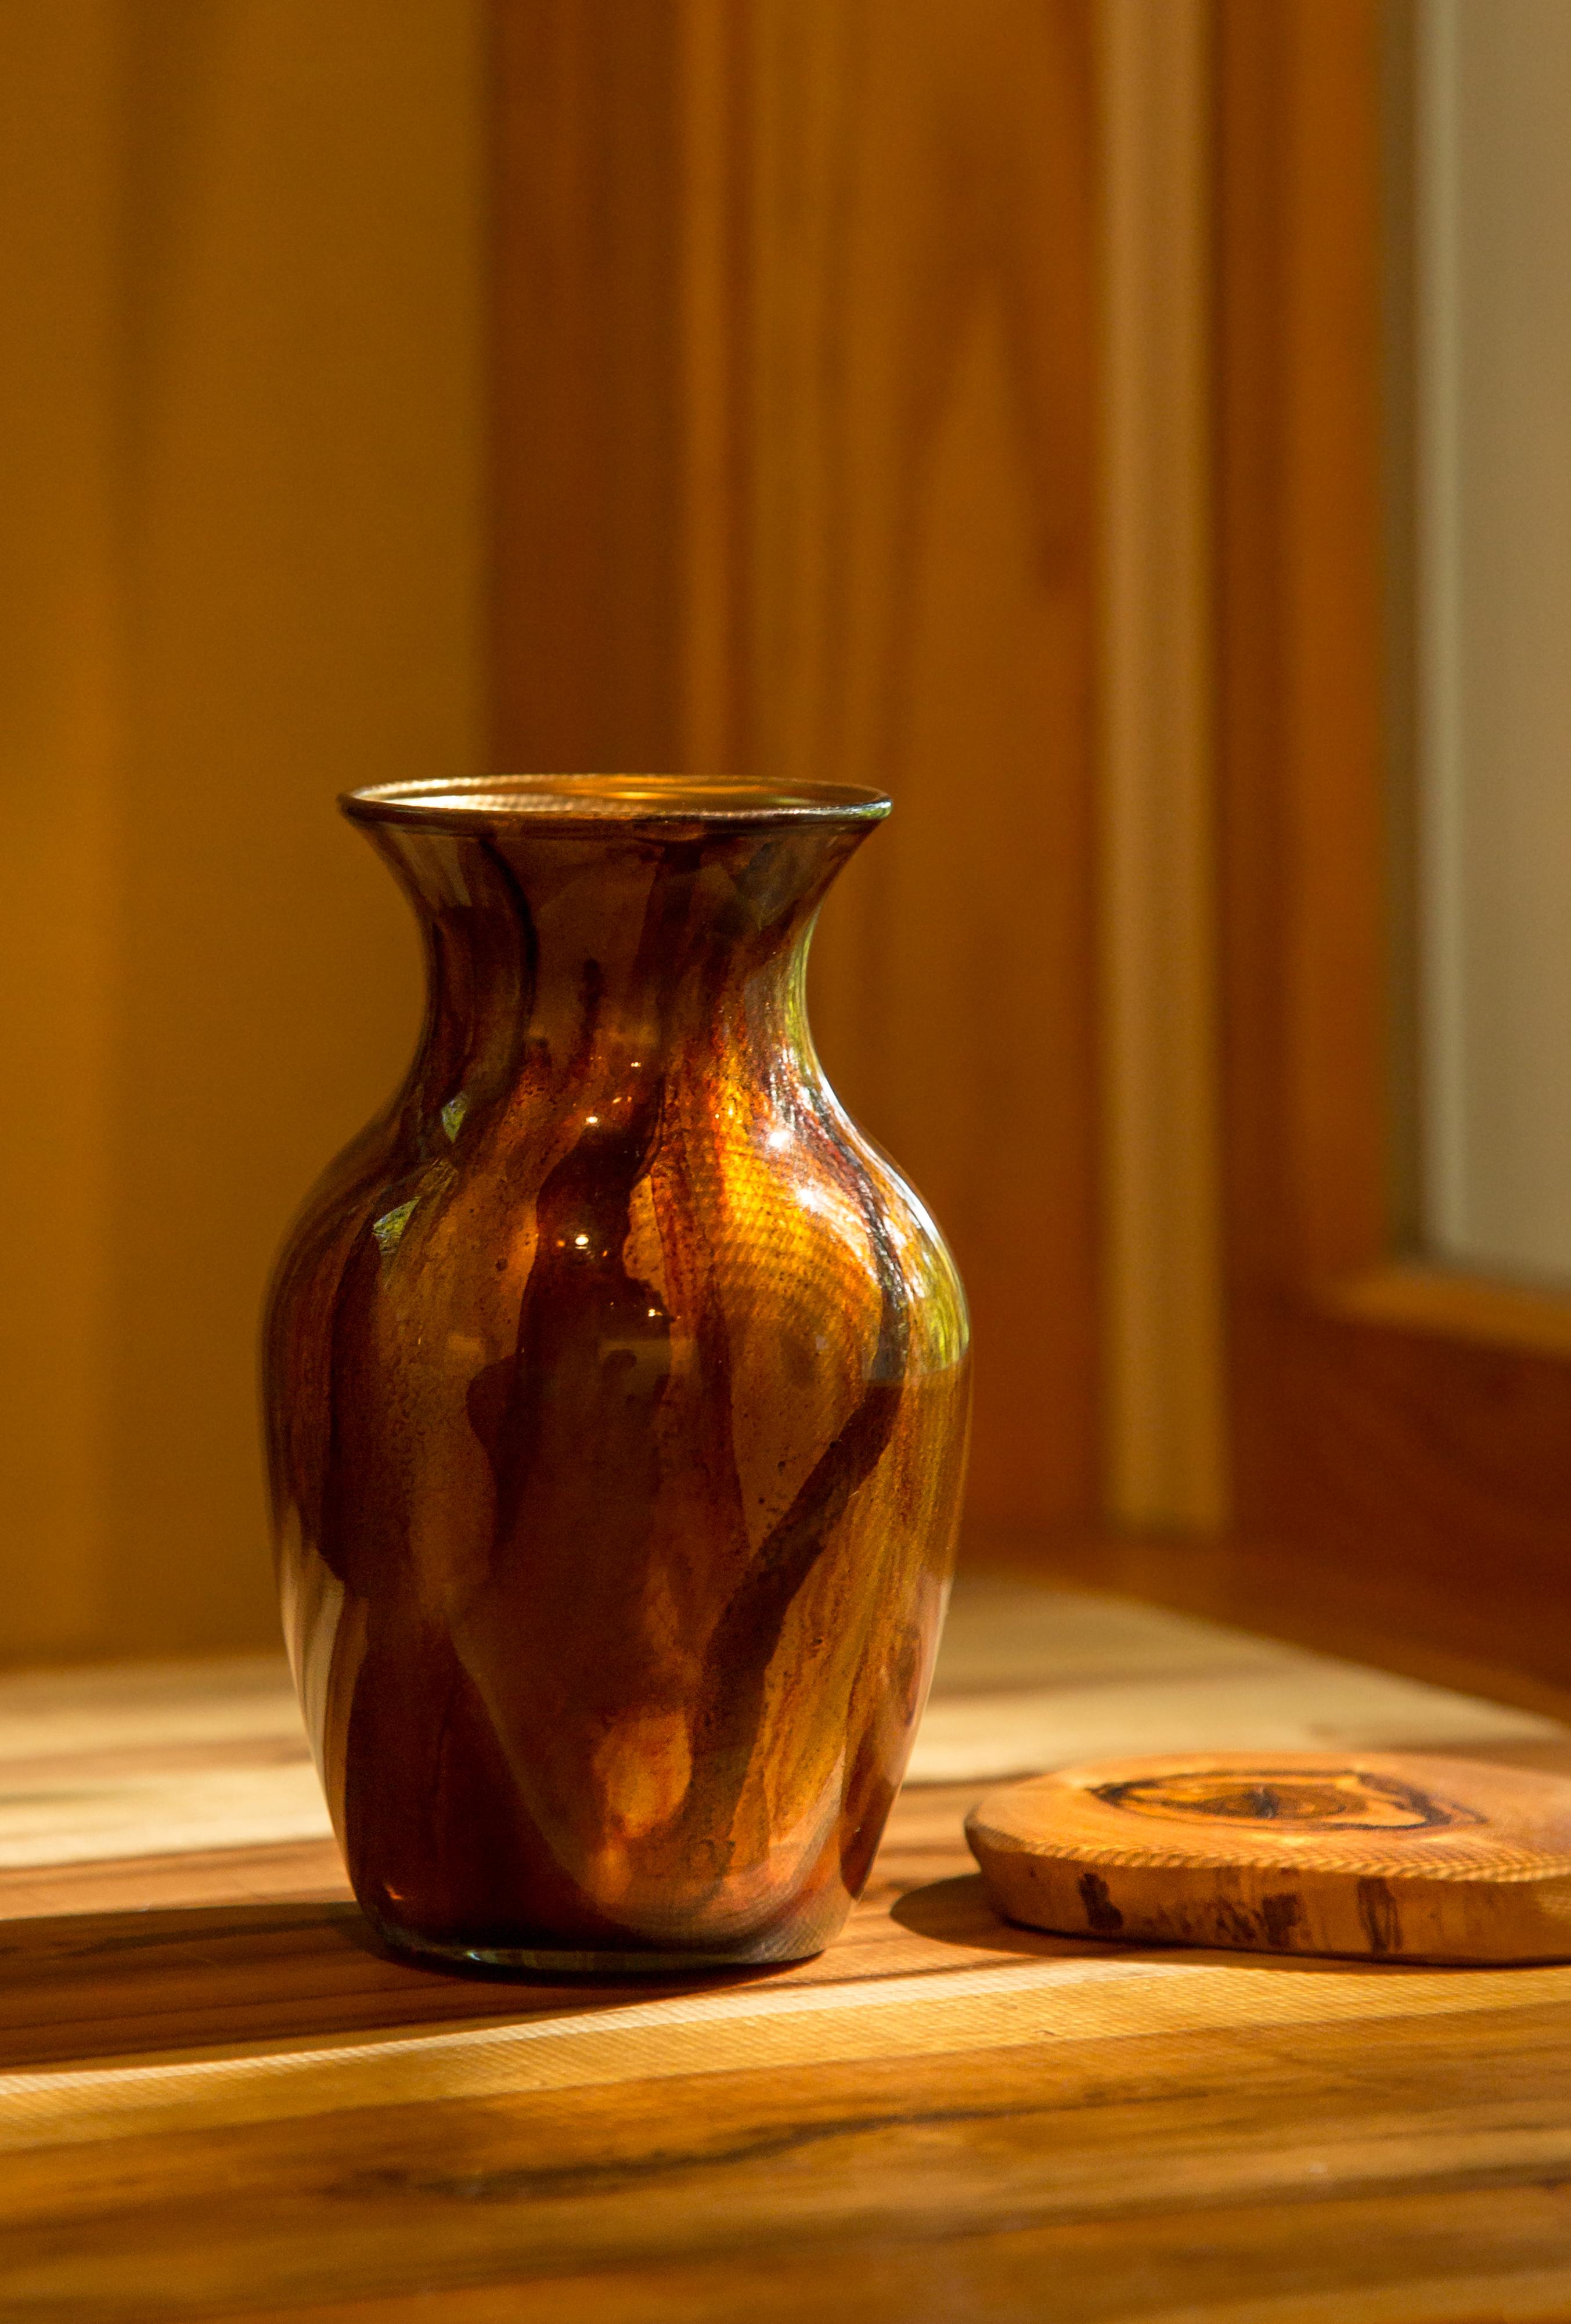 Gratis Afbeeldingen Hout Glas Huis Vaas Oranje